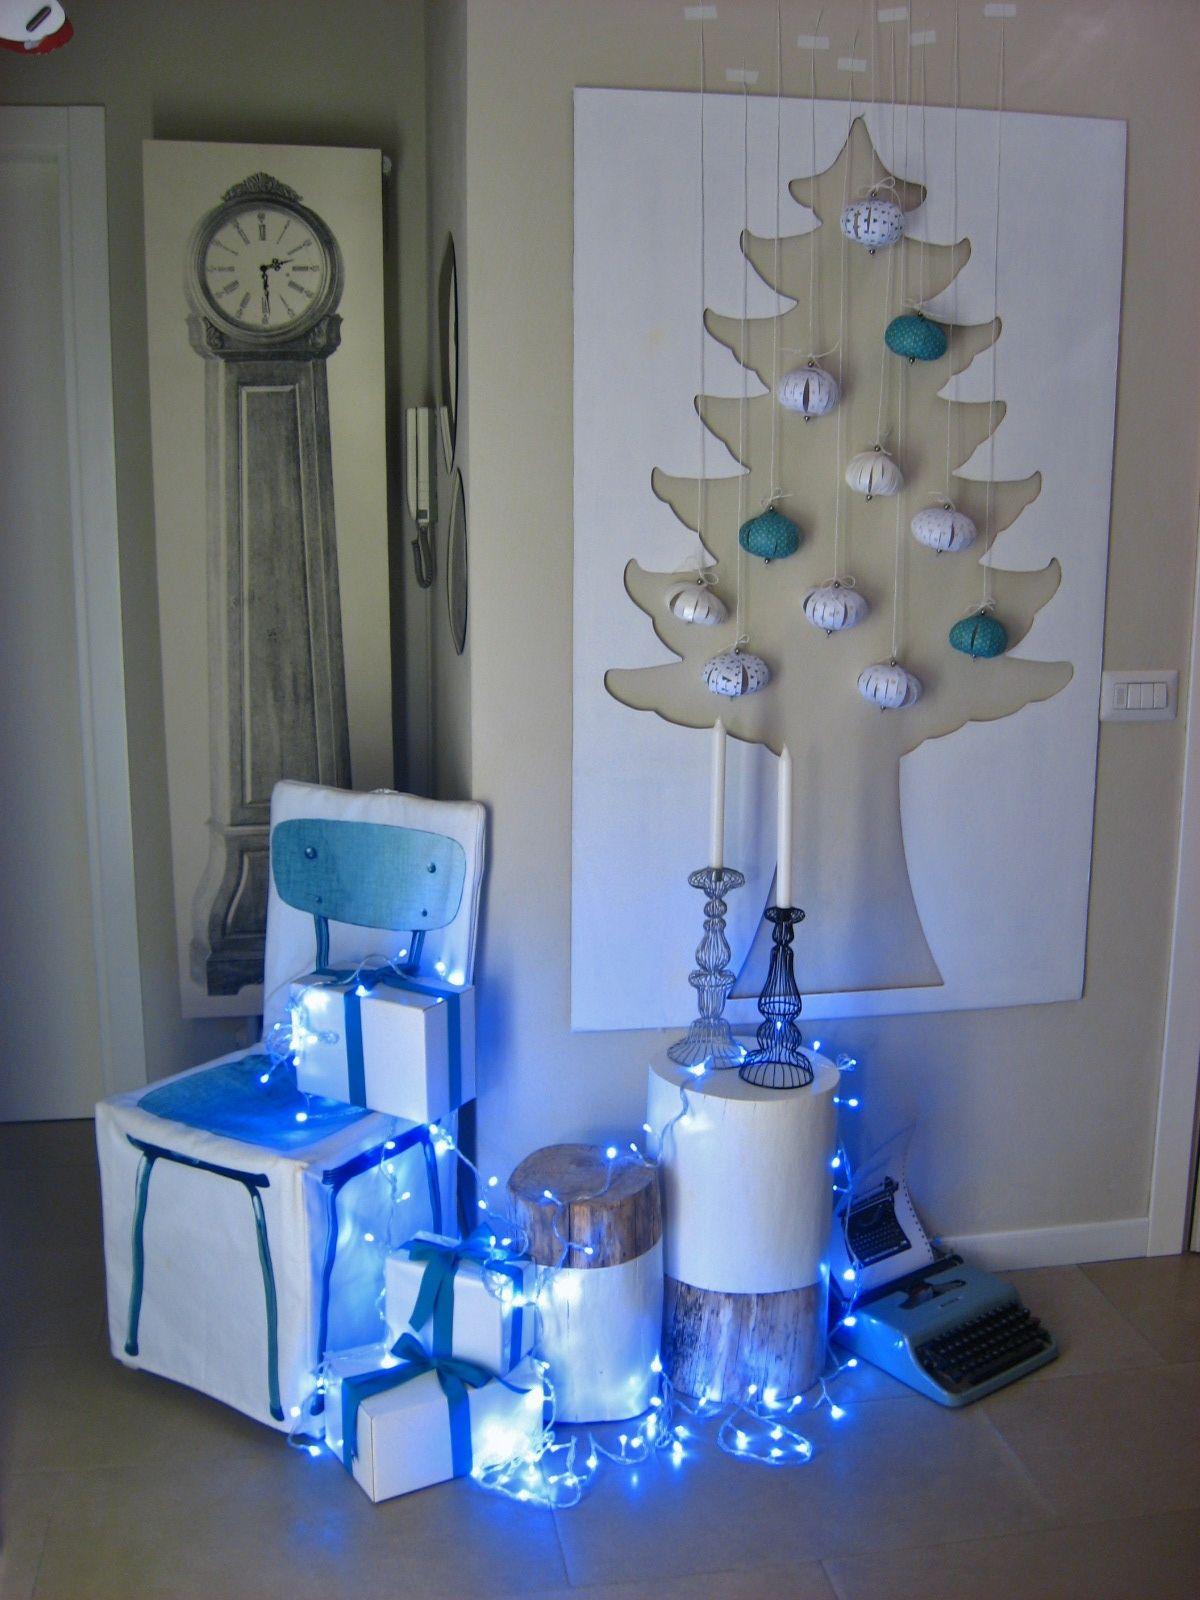 Christmas decorations diy - www.facebook.com/idiaridellappartamento www.idiaridellappartamento.it